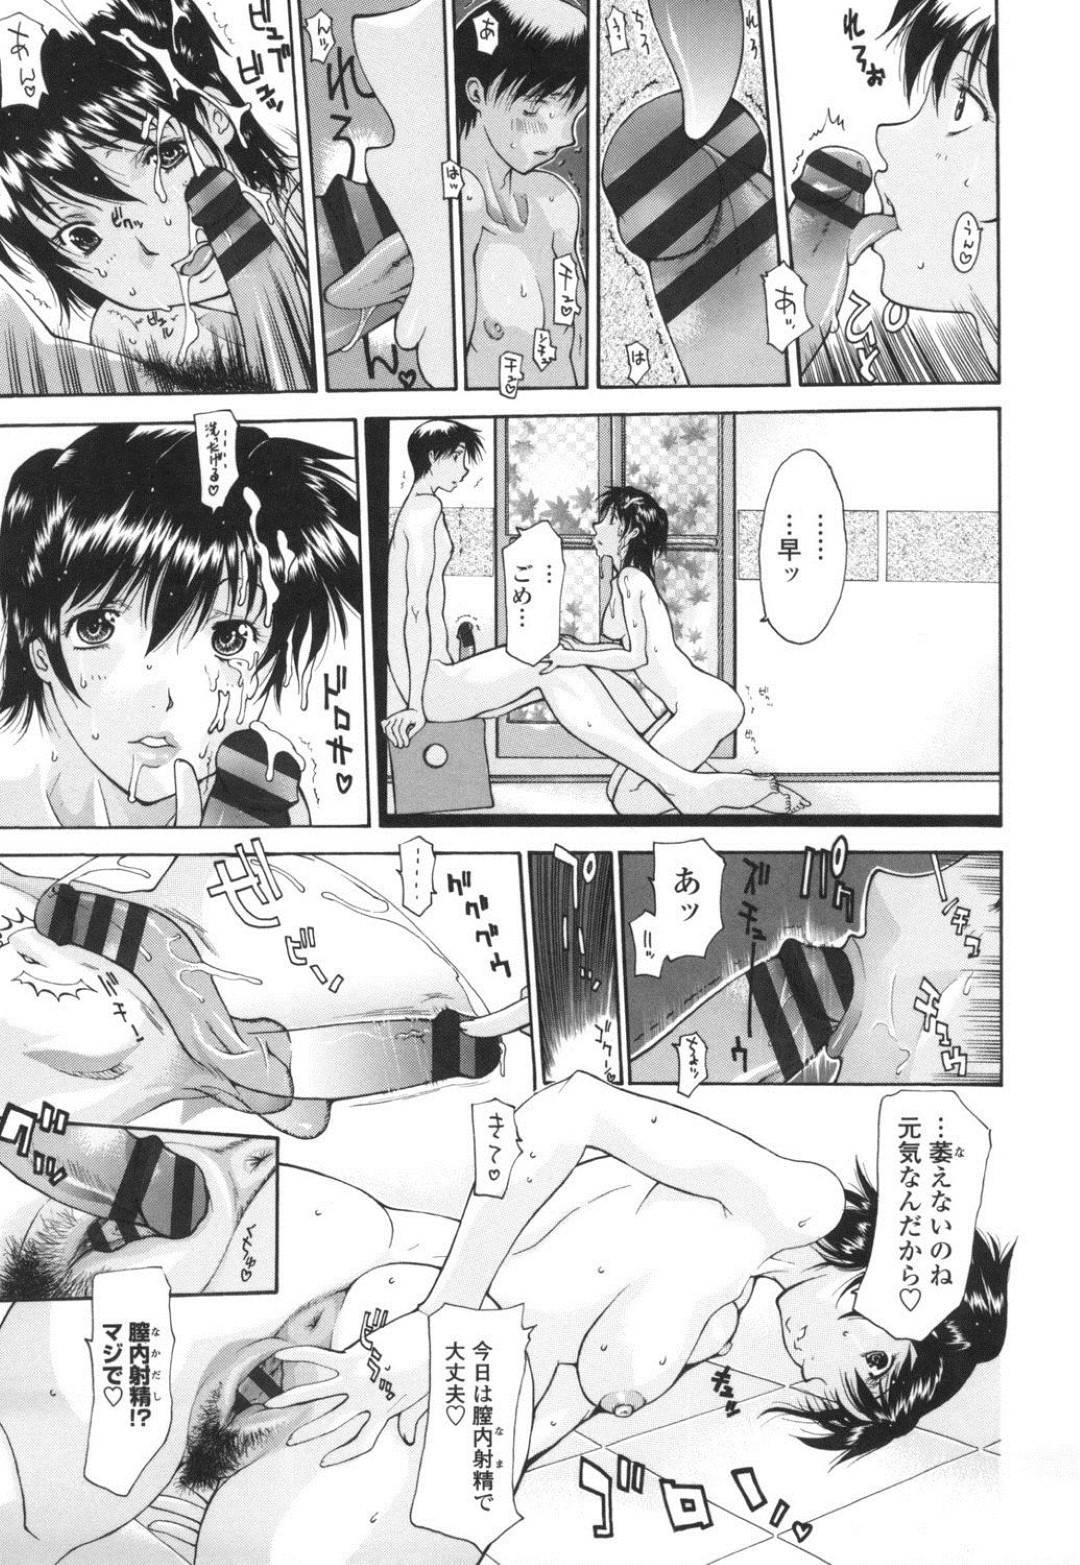 【エロ漫画】弟と一緒に風呂に入りハメられまくる巨乳お姉ちゃん…途中で美人な母親も参加して近親相姦の生ハメ3Pセックスで中出し同時イキ【伊沢慎壱:一緒に入ろう】